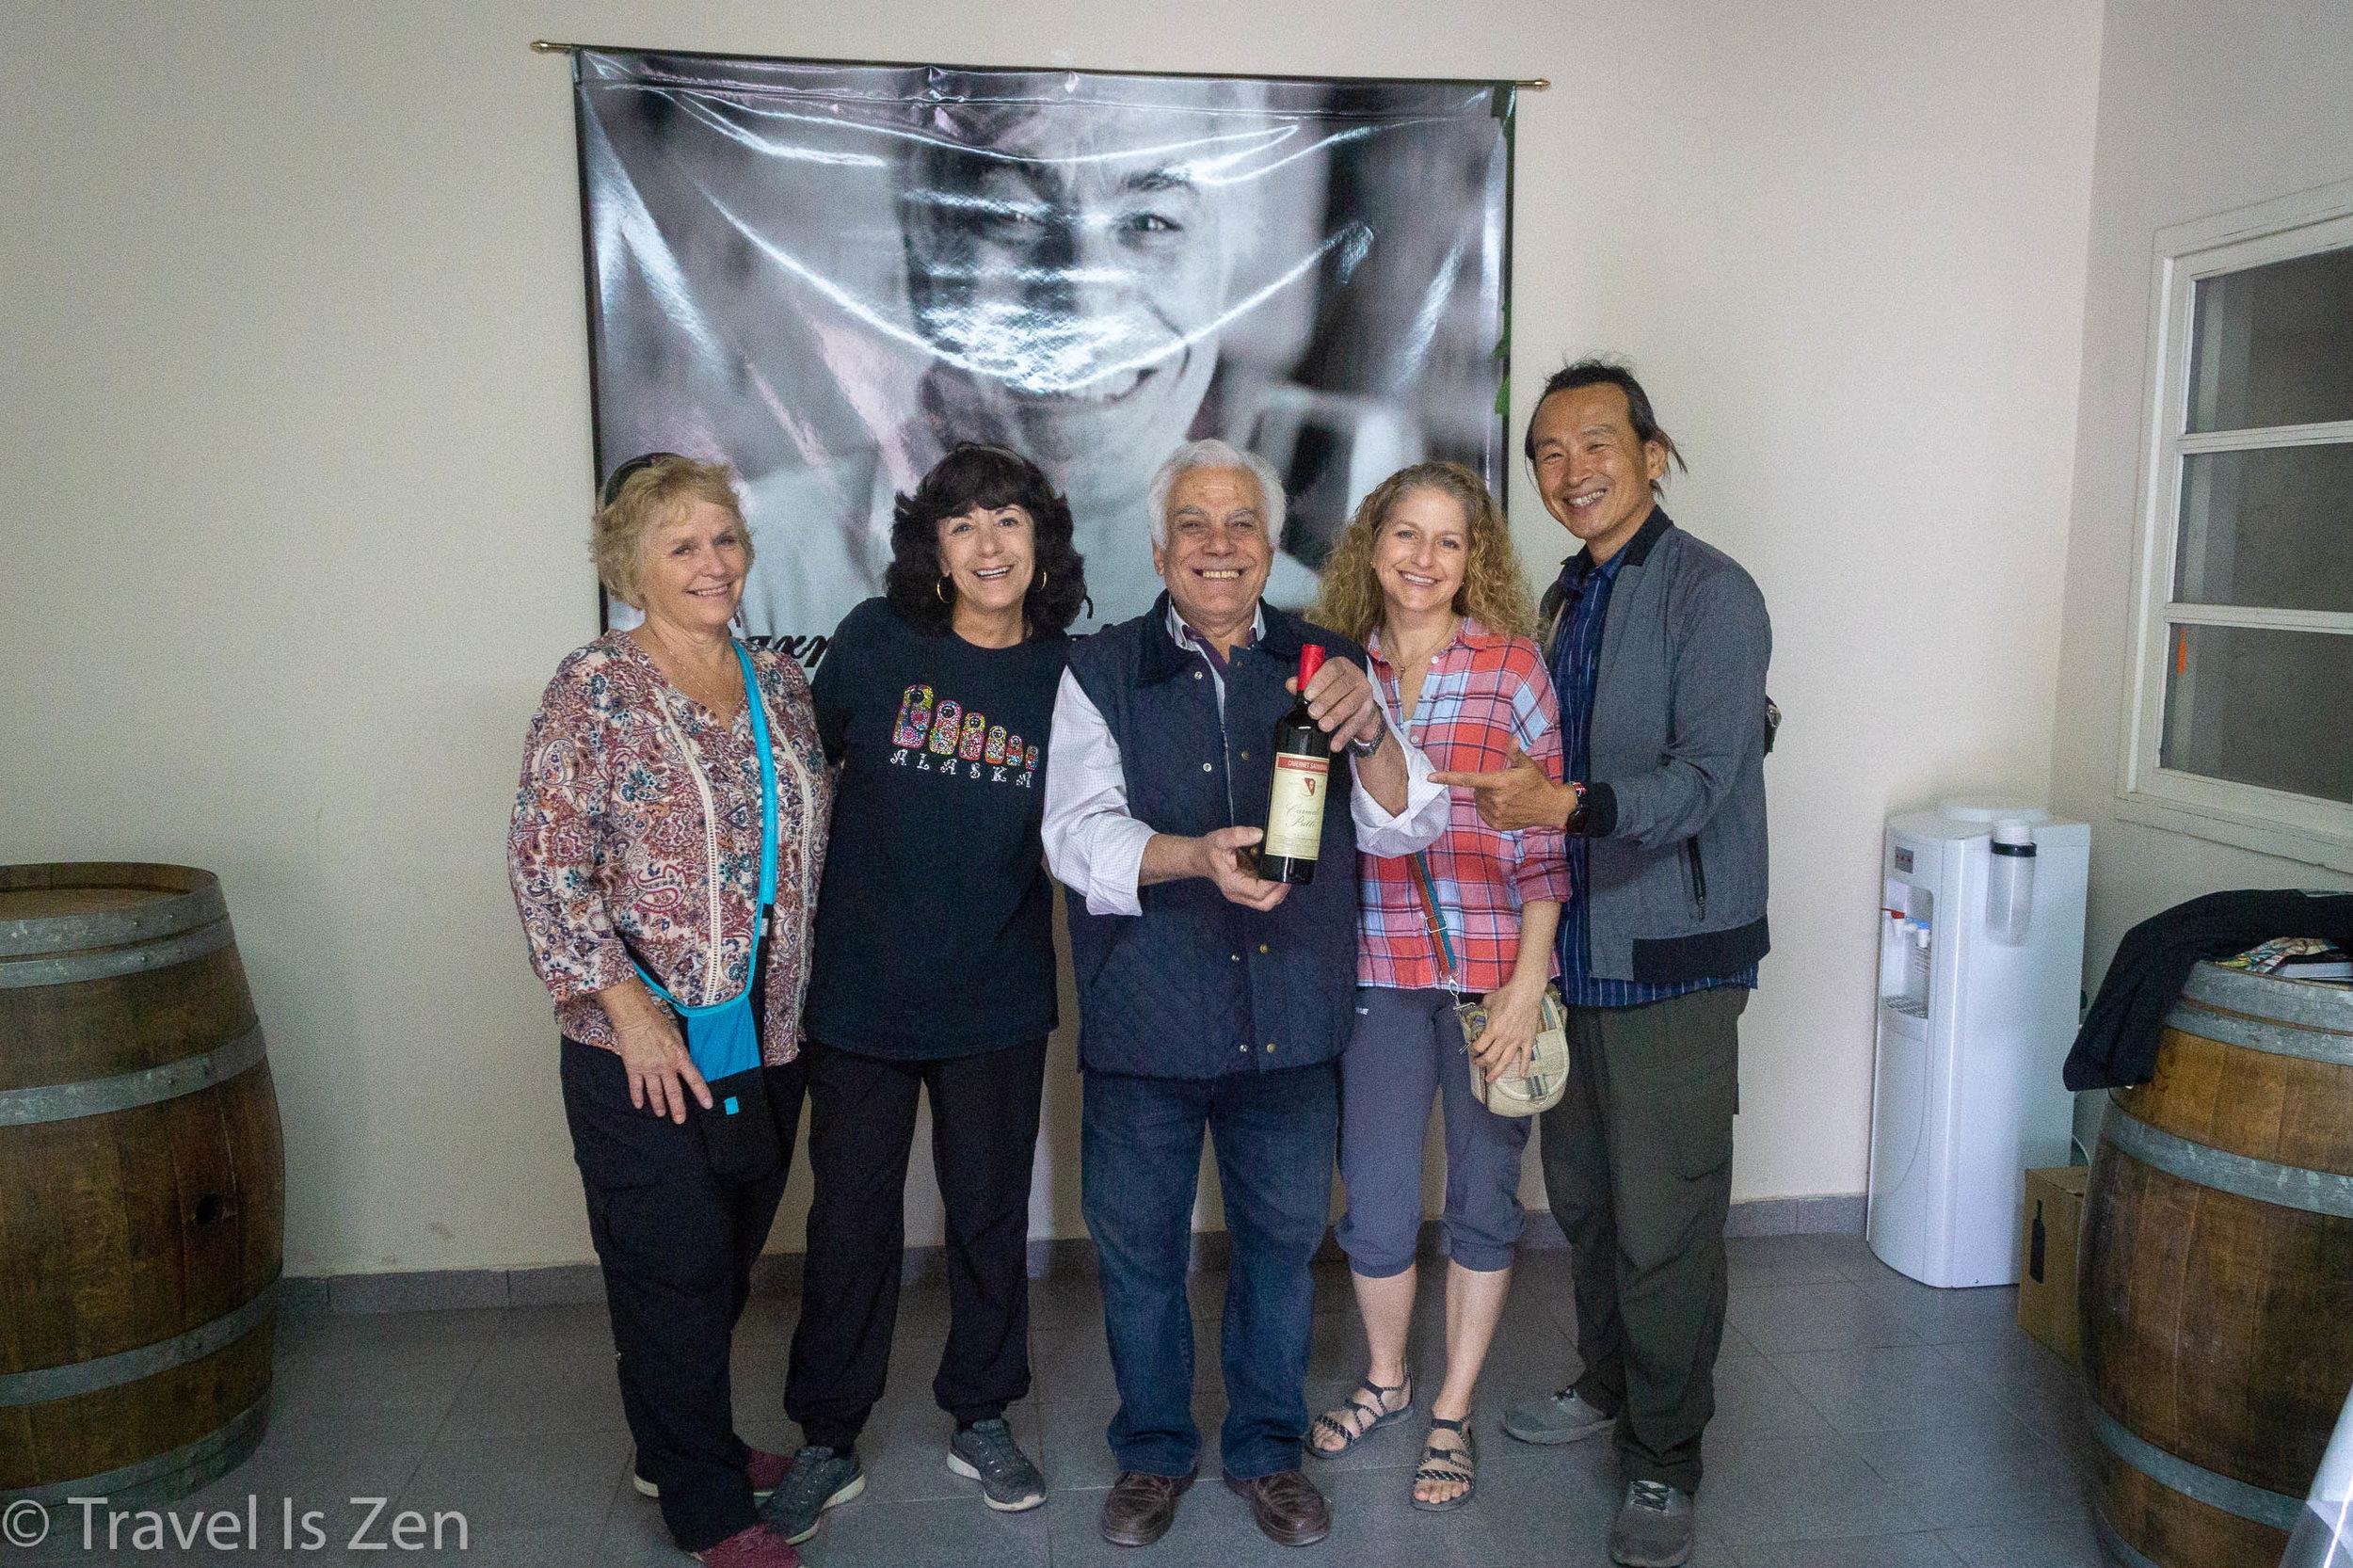 Our crew, visiting Carmello Patti garage bodega, Mendoza Province, Argentina